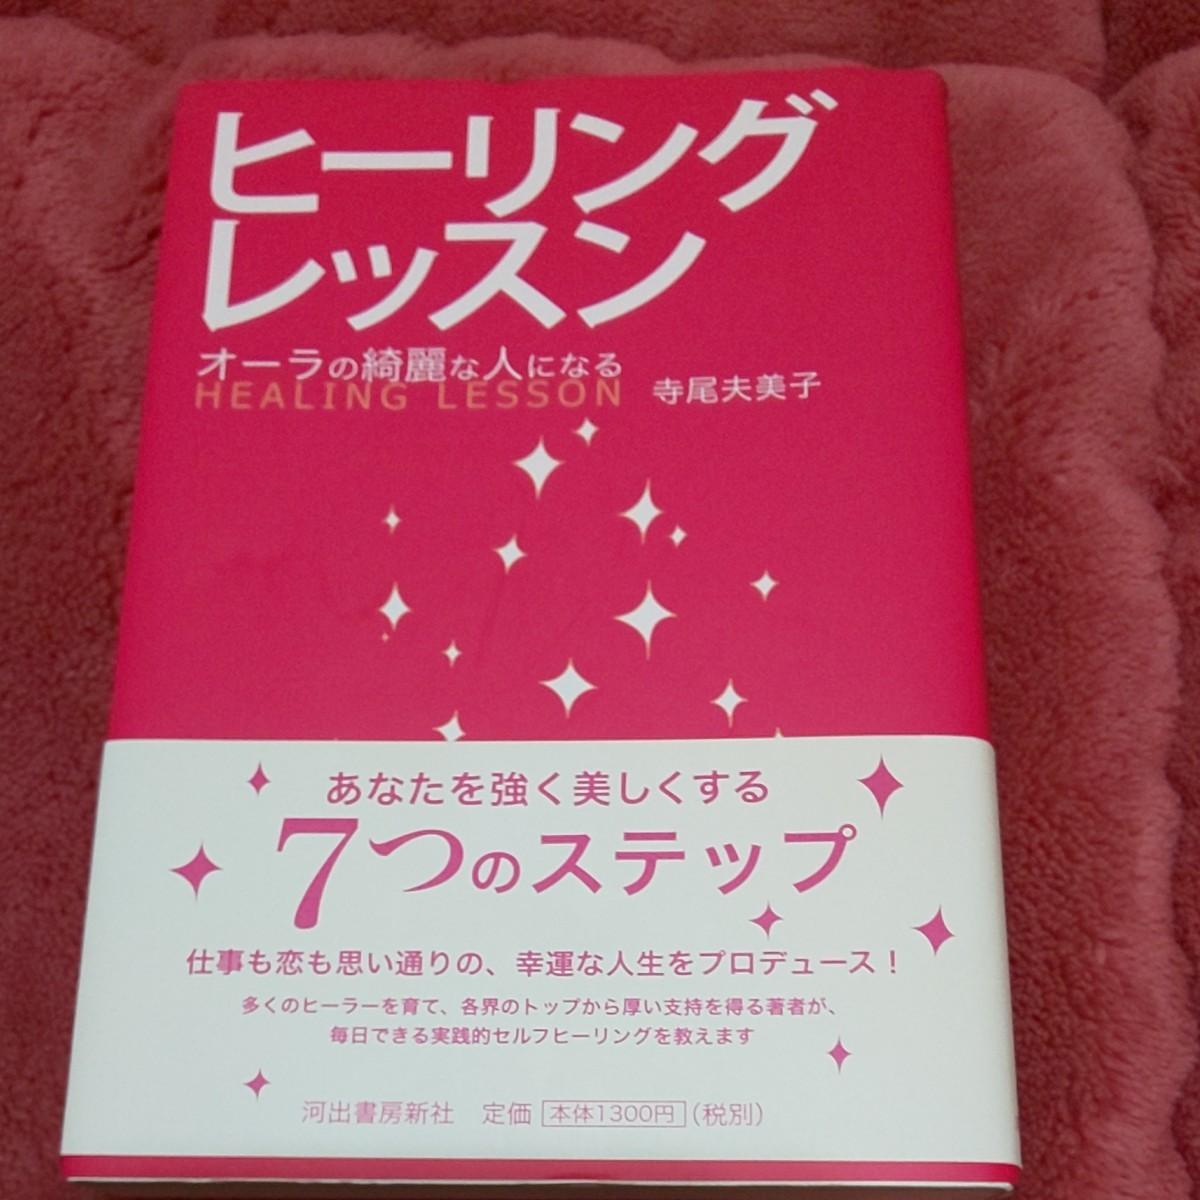 ★本【ヒーリングレッスン】オーラの綺麗な人になる 7つのステップ 人生を変える 法則